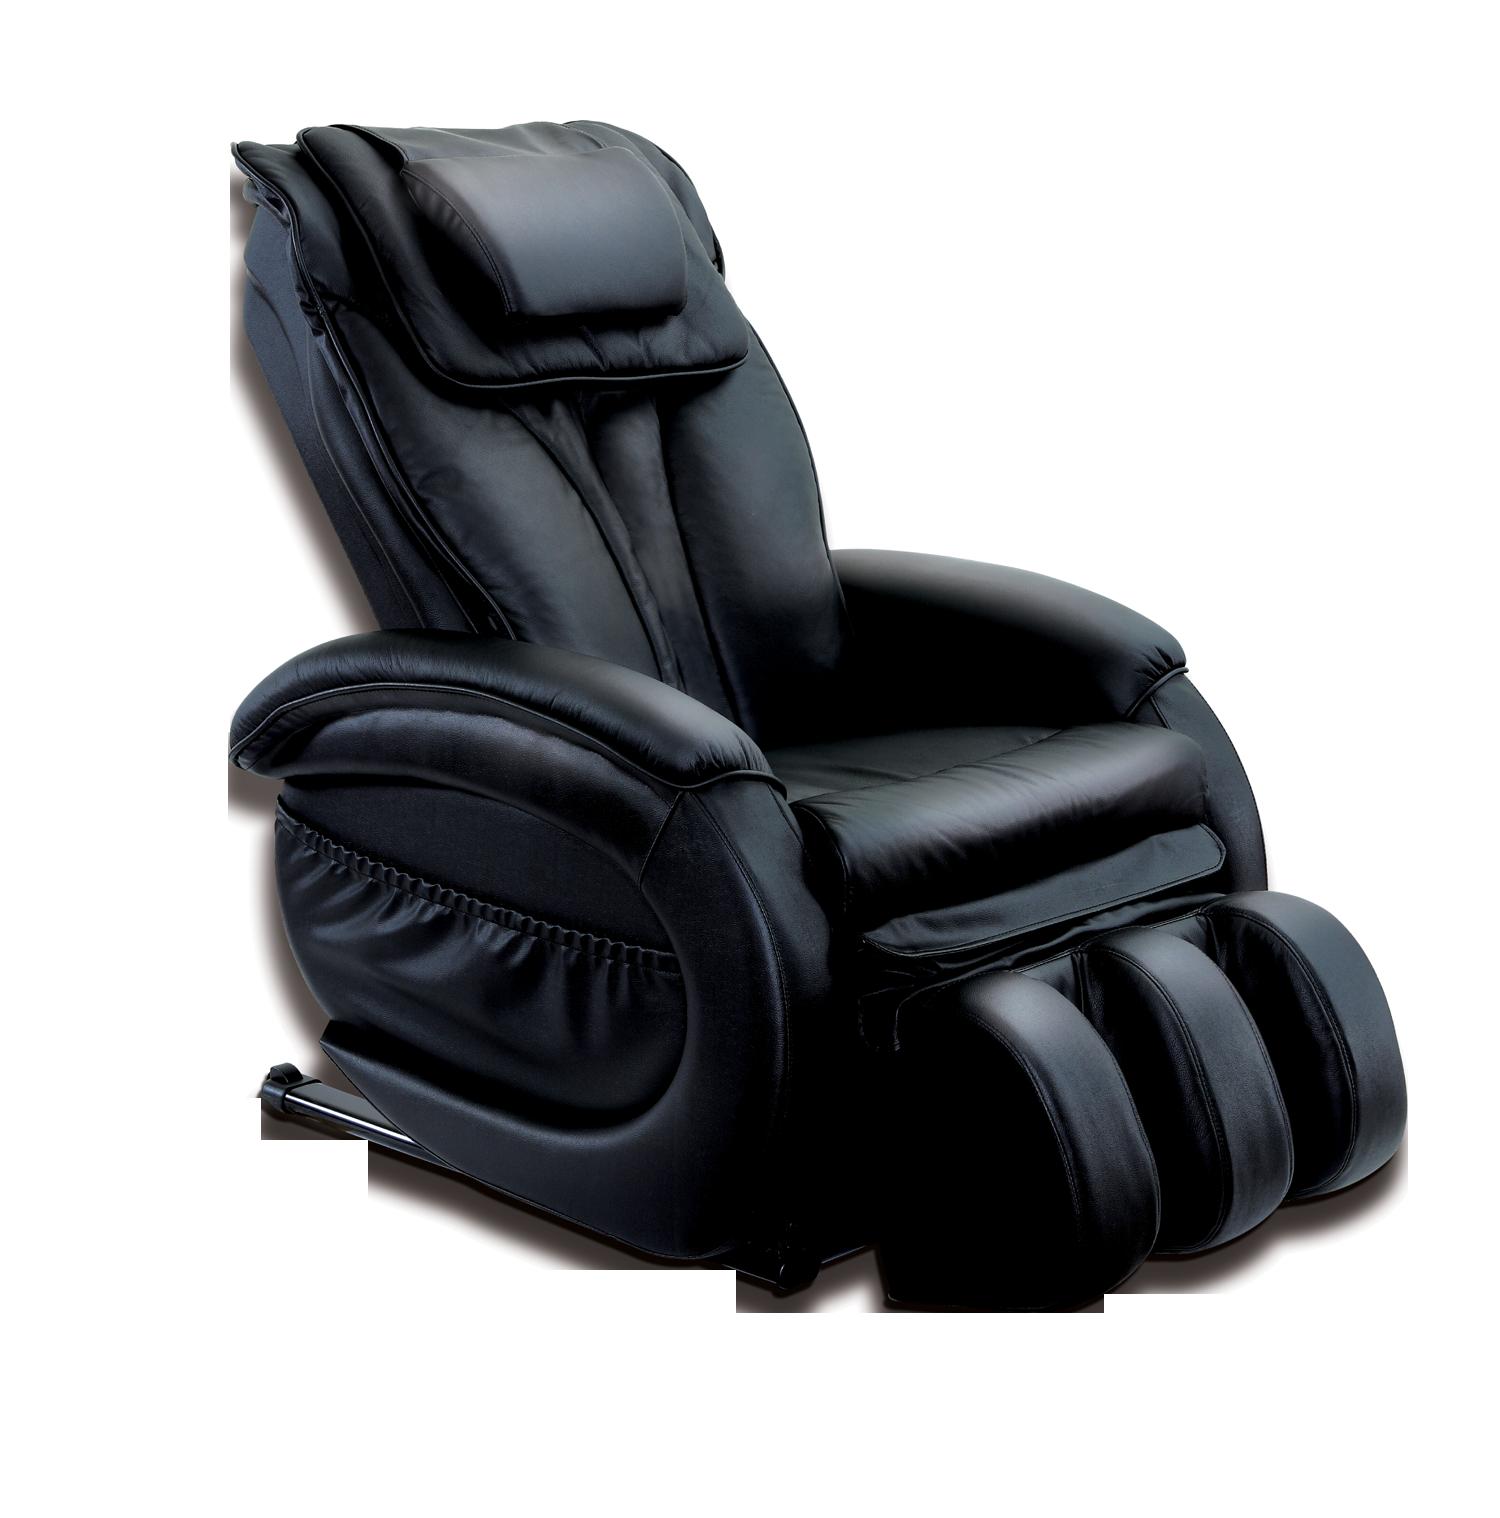 massage chairs infinity it-9800 massage chair with inversion therapy u0026 zero gravity MAVSPFE